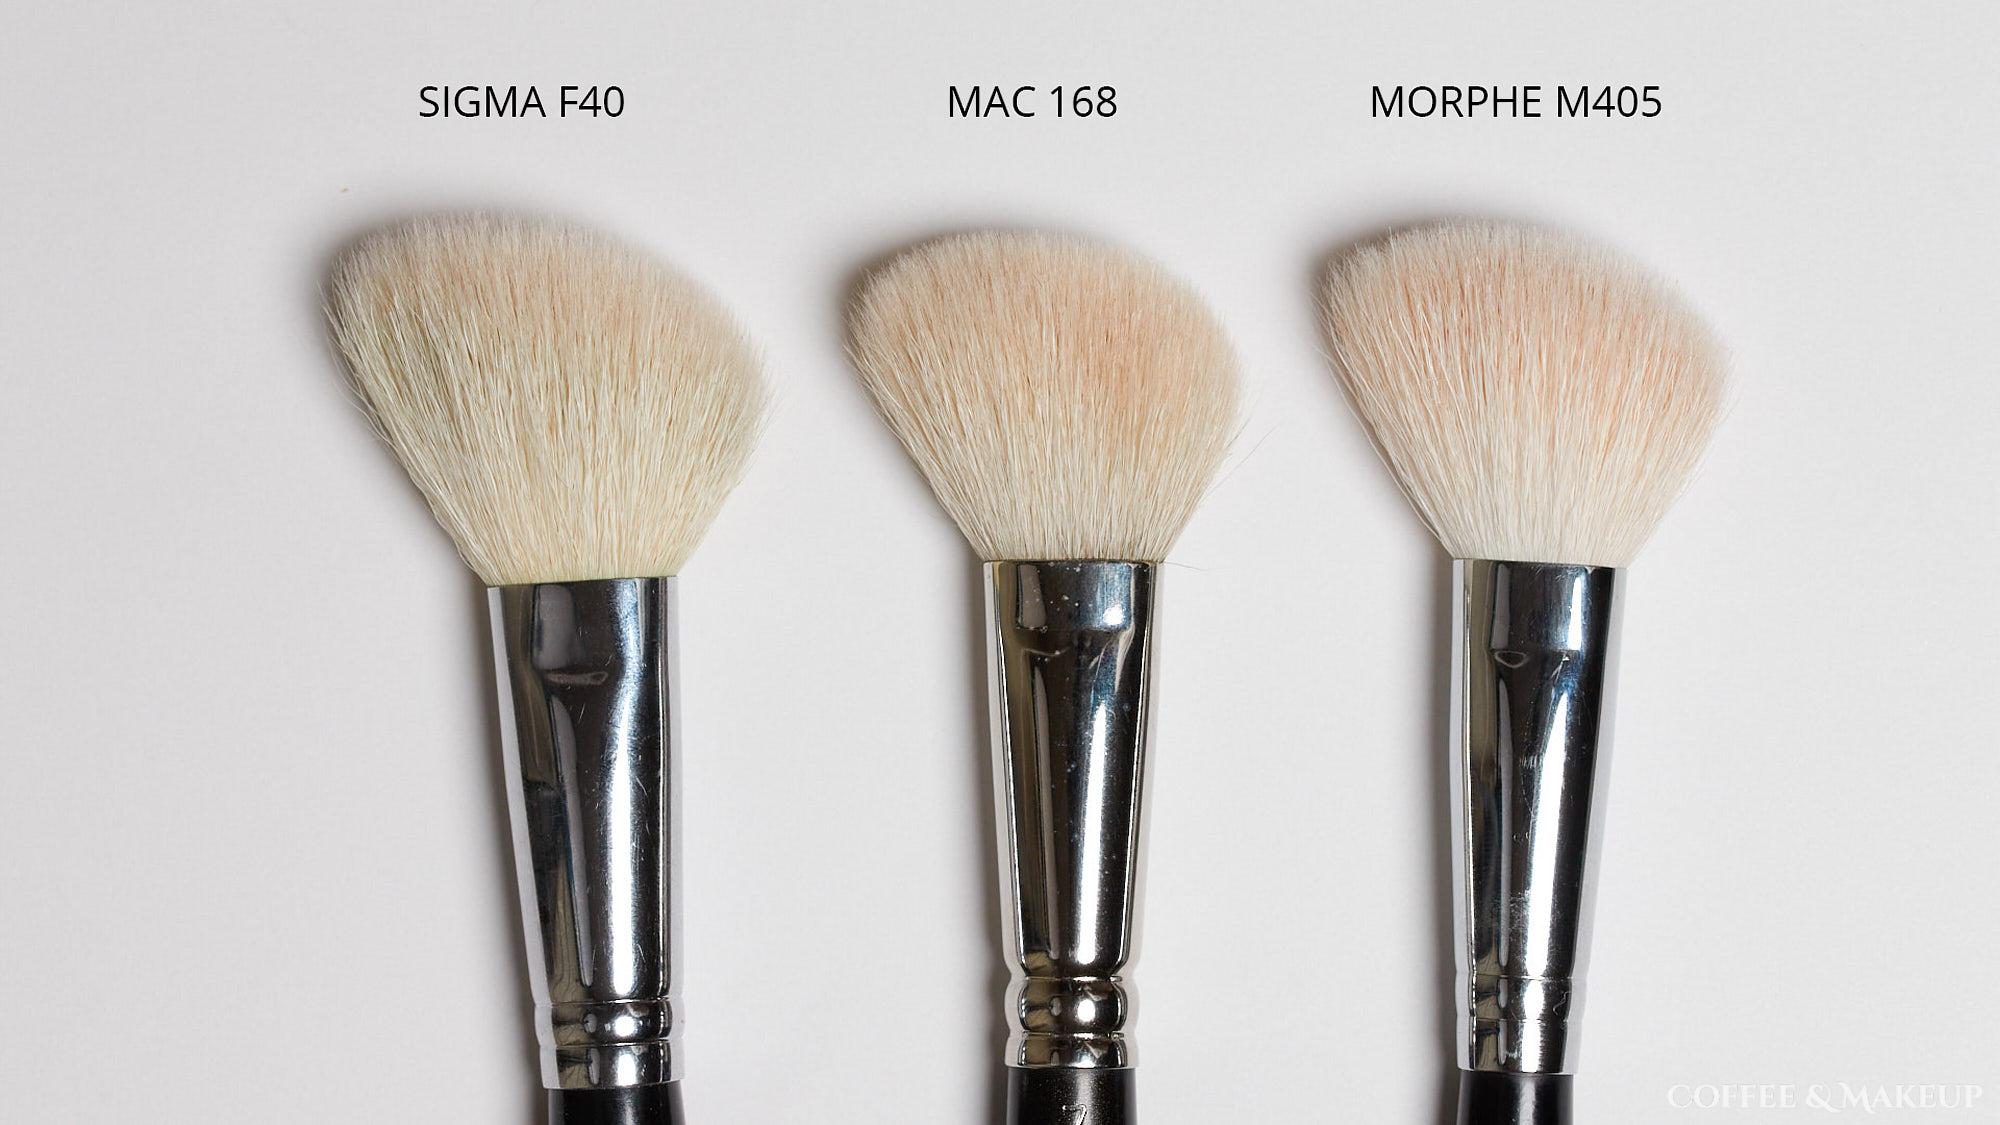 Morphe M405 Comparisons